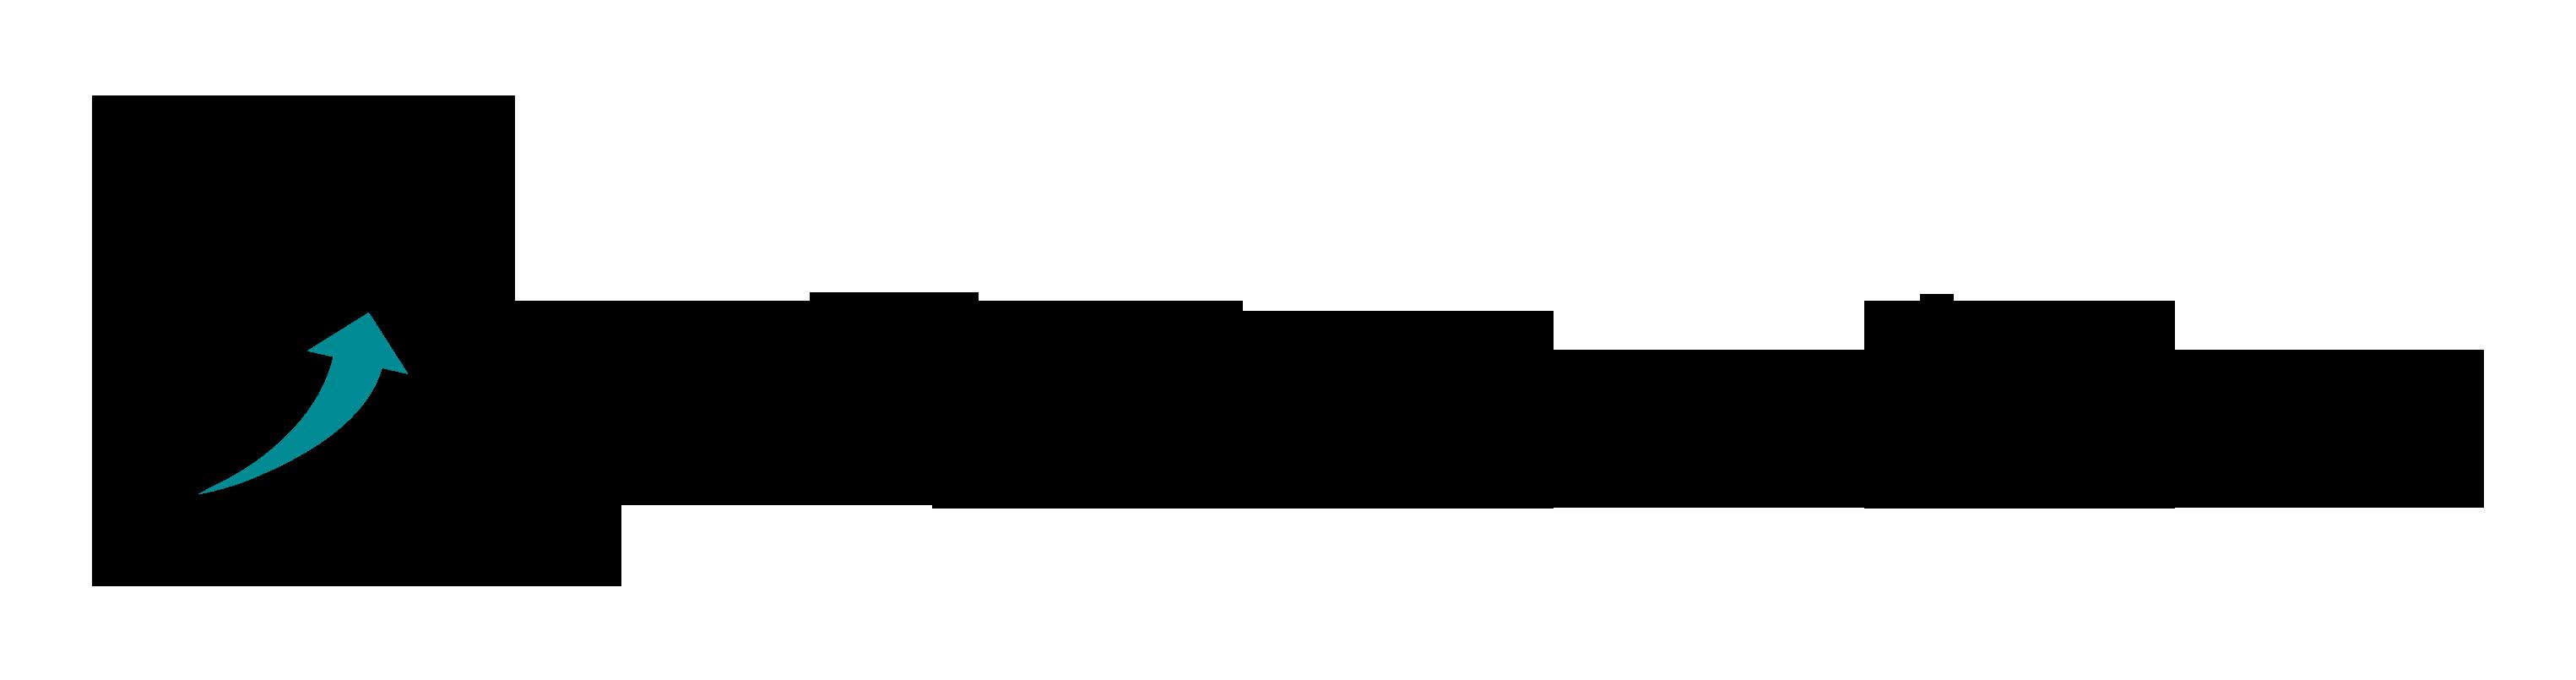 Effectmakers_Logo_RGB_Colour-Black